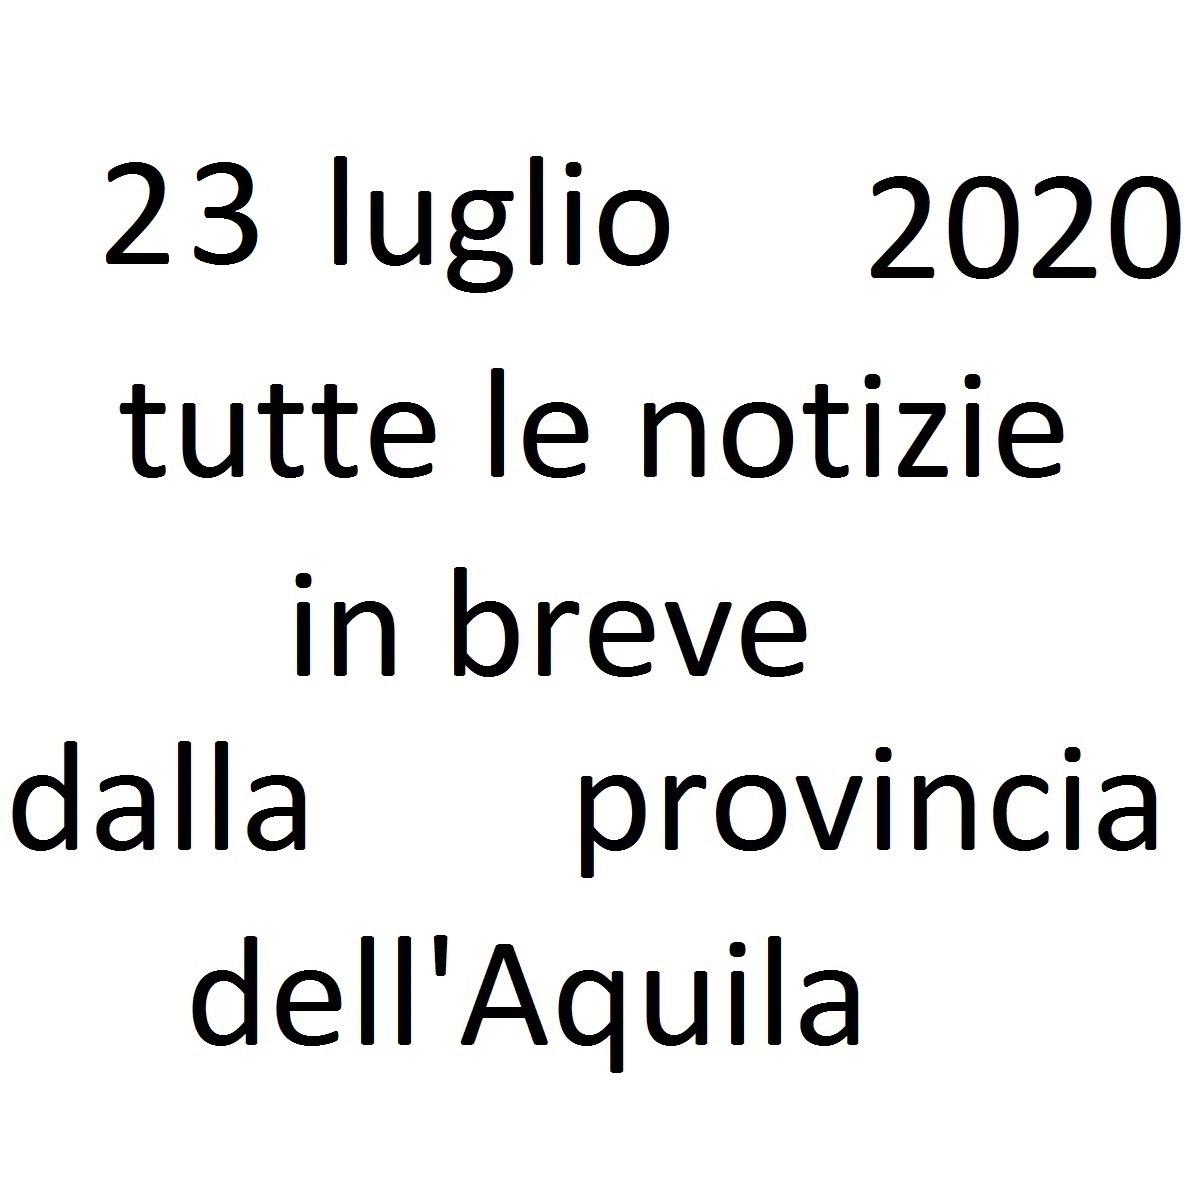 23 luglio 2020 notizie in breve dalla Provincia dell'Aquila foto